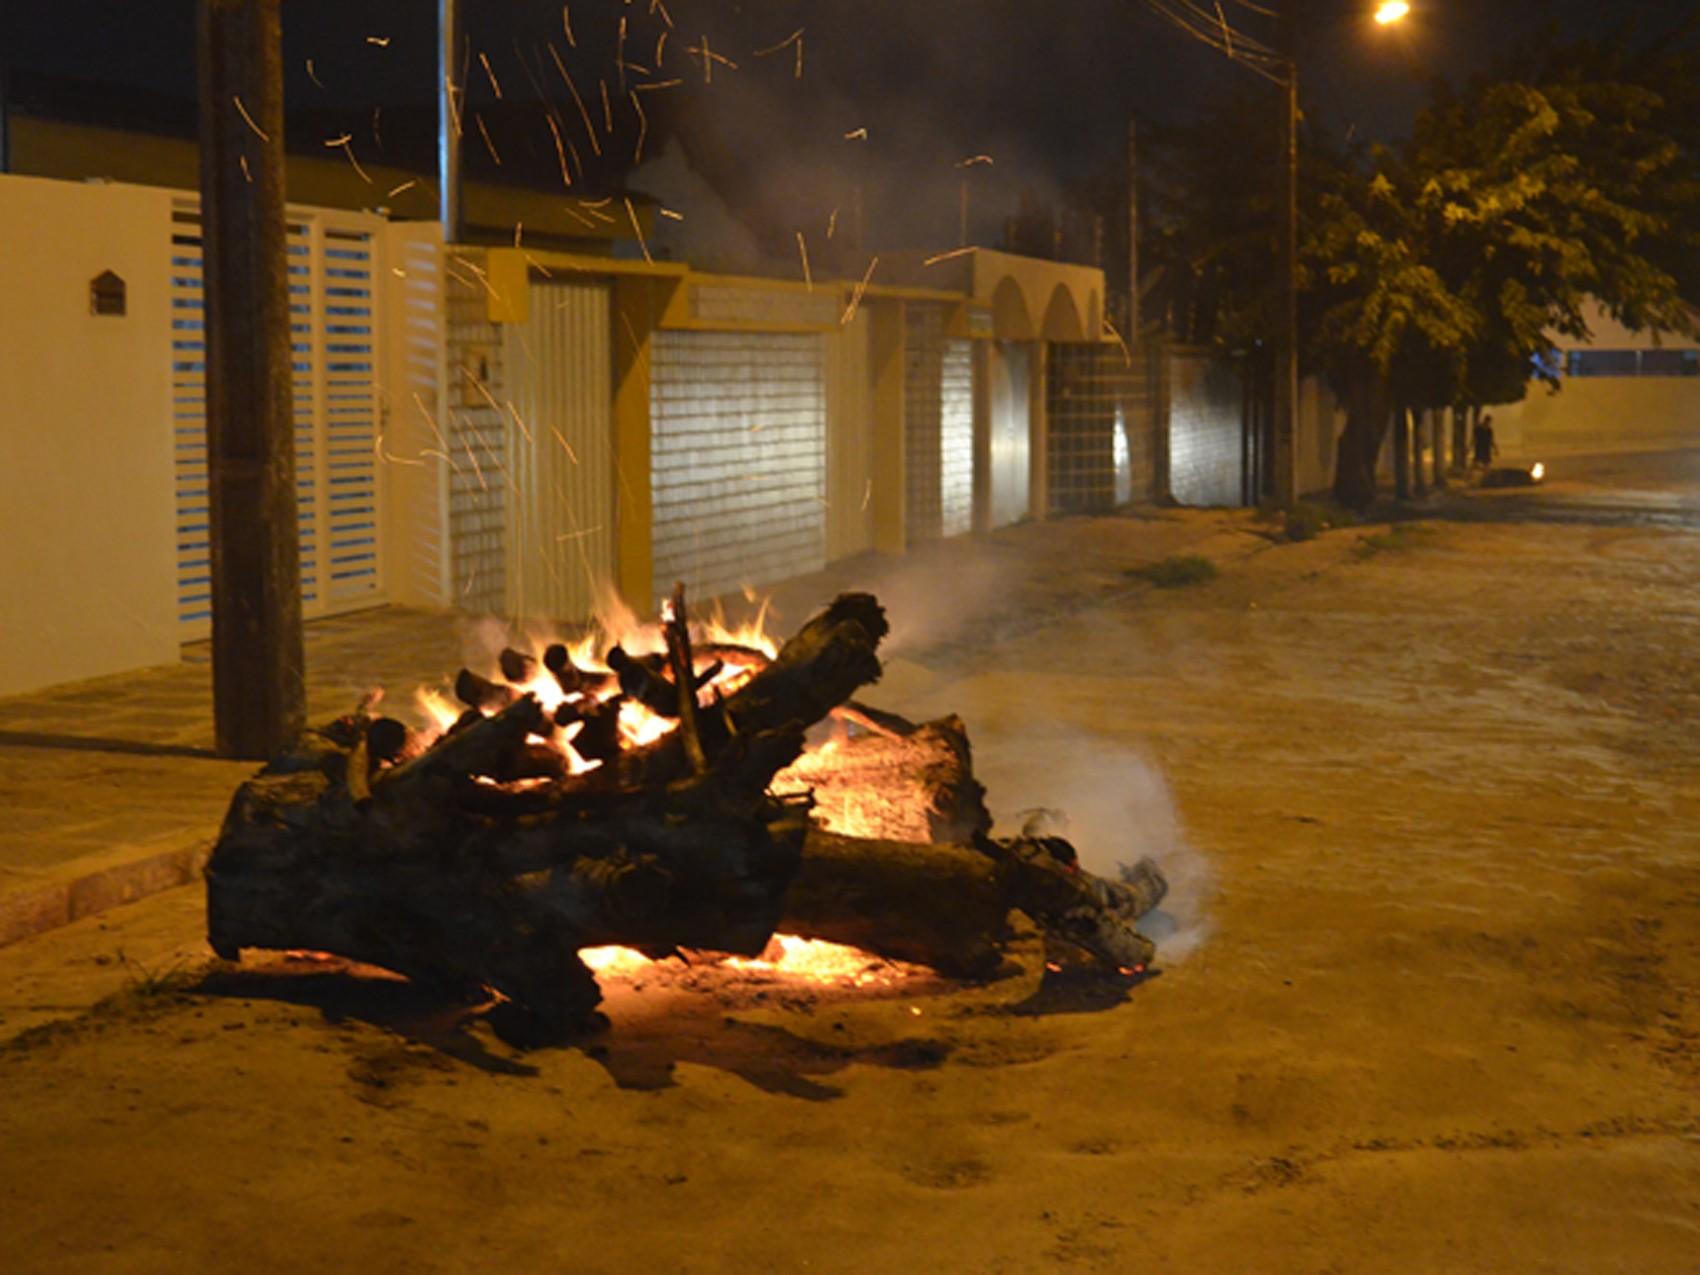 Petrolina proíbe fogos de artifício e queima de fogueiras no São Pedro, Santo Antônio e São João